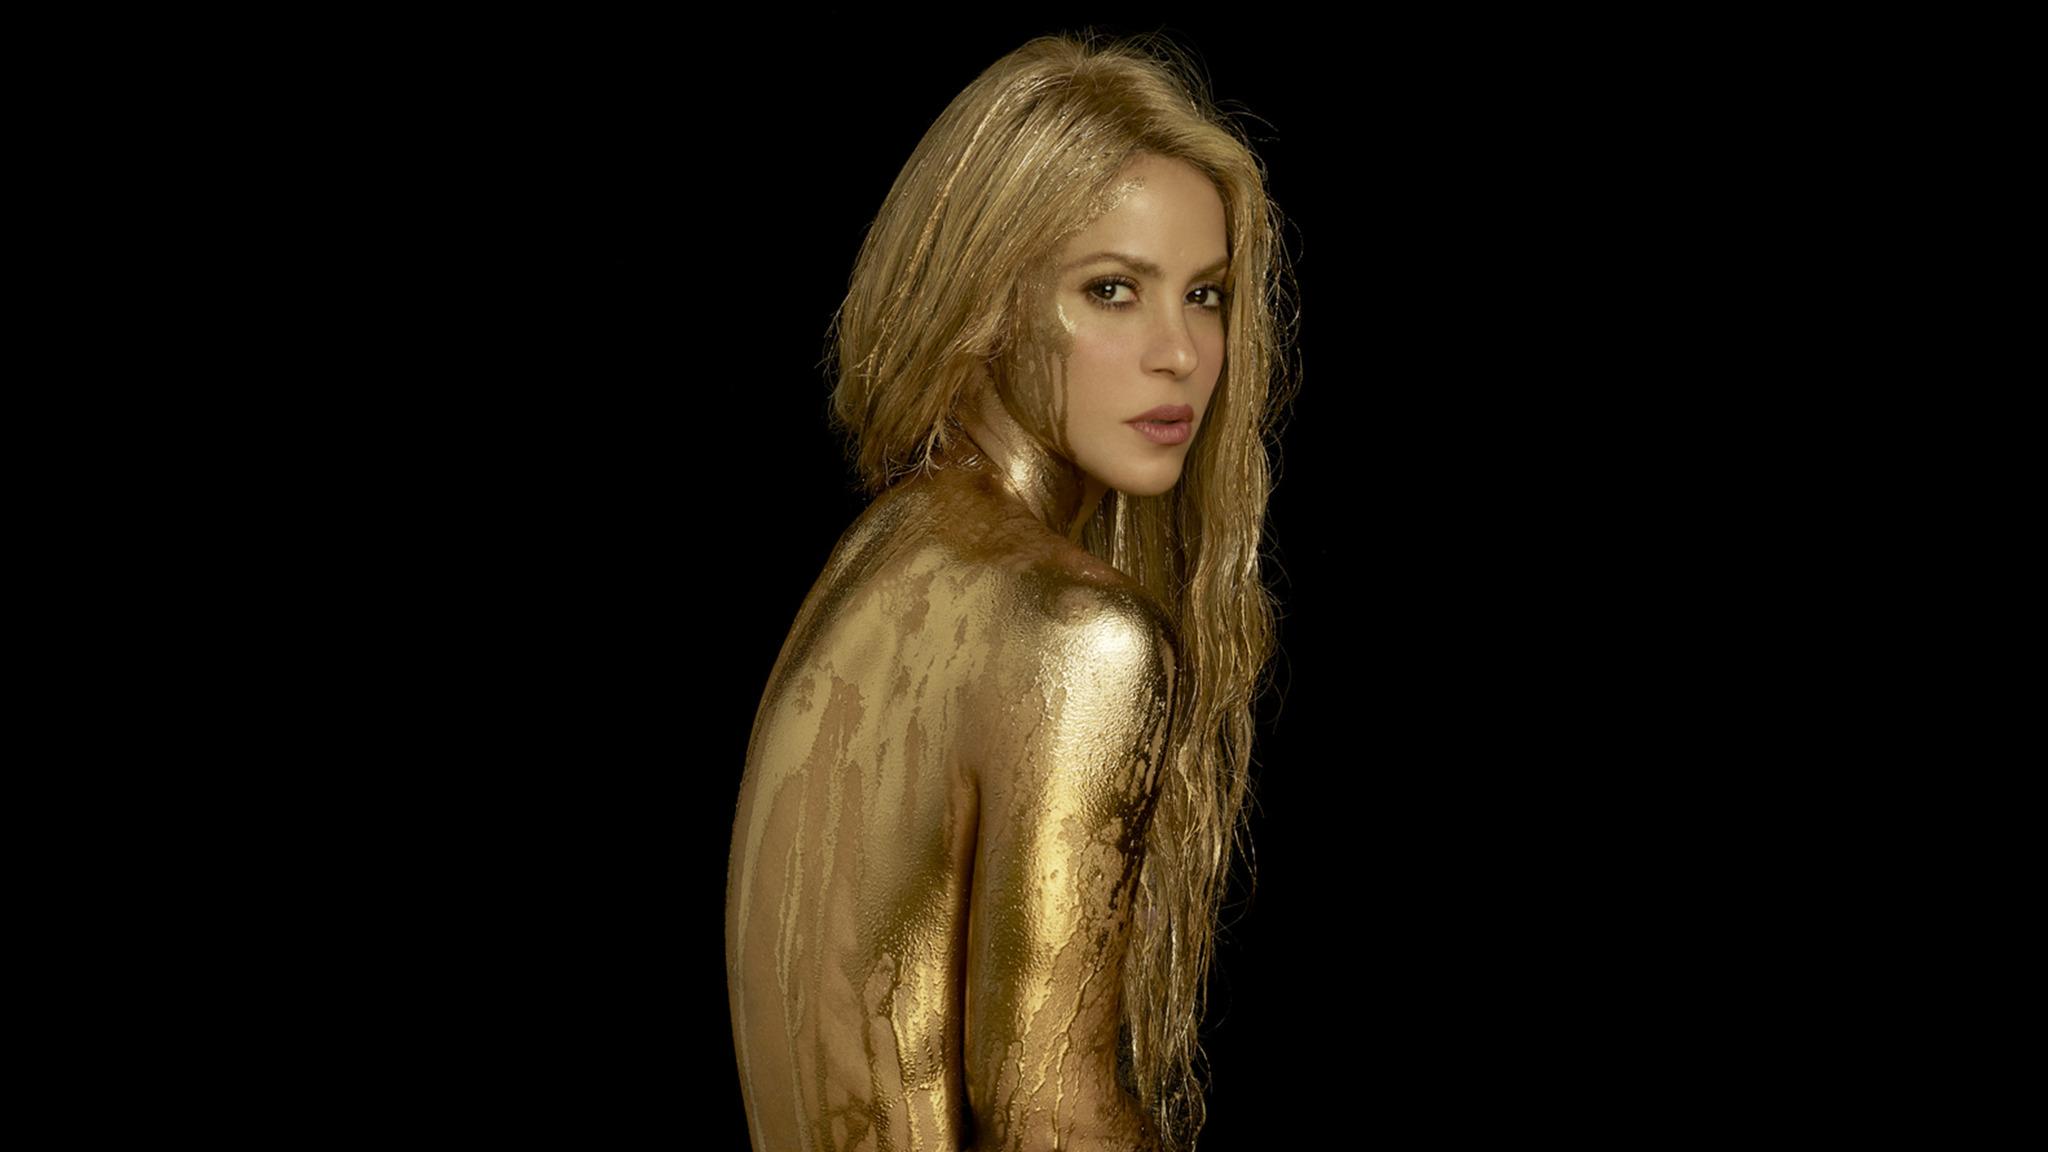 """Shakira adia turnê na Europa após hemorragia em cordas vocais e relata aos fãs detalhes: """"Pesadelo"""""""